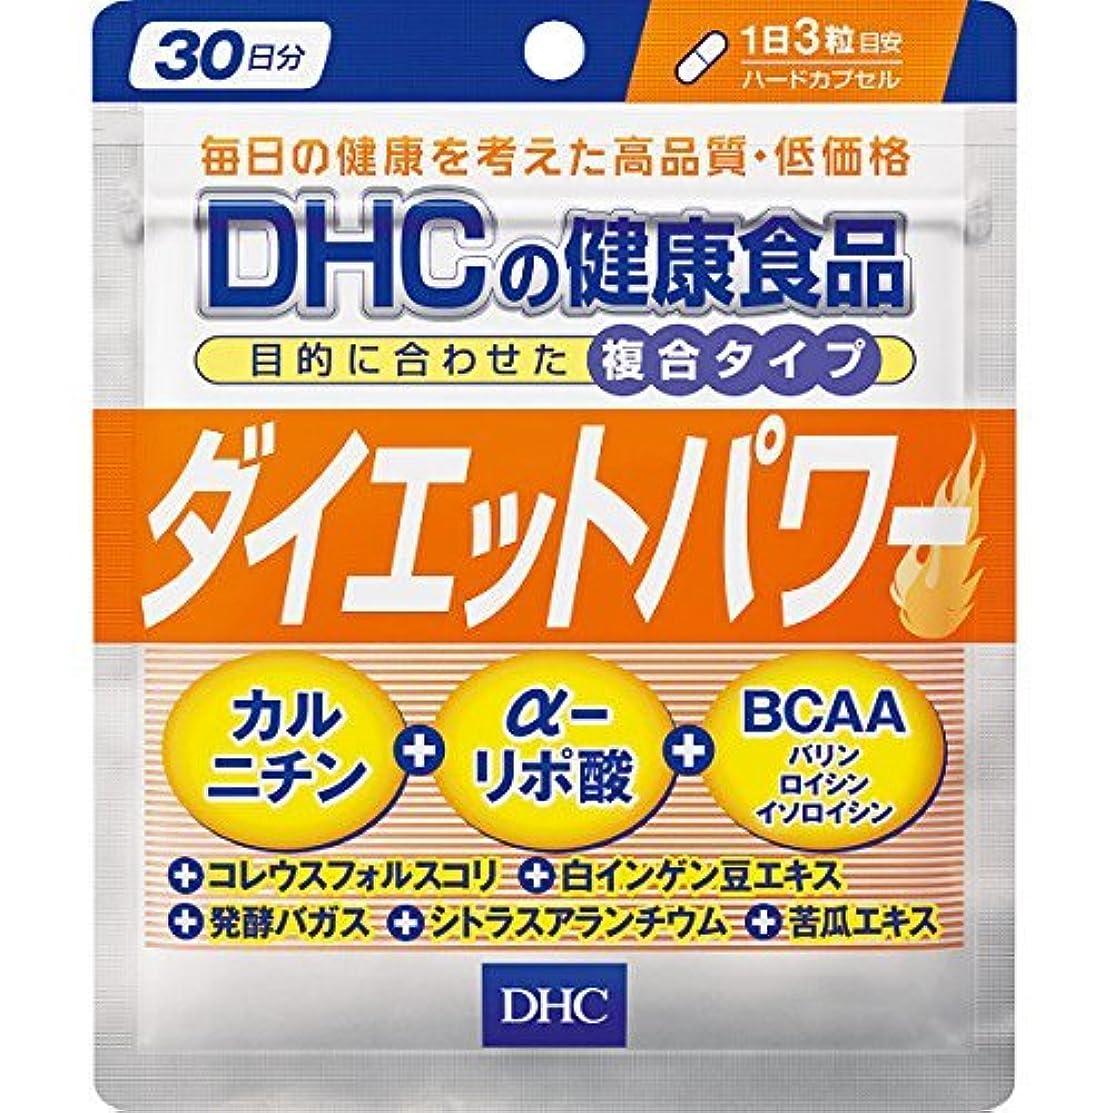 友だち百万軽くDHC ダイエットパワー 30日分